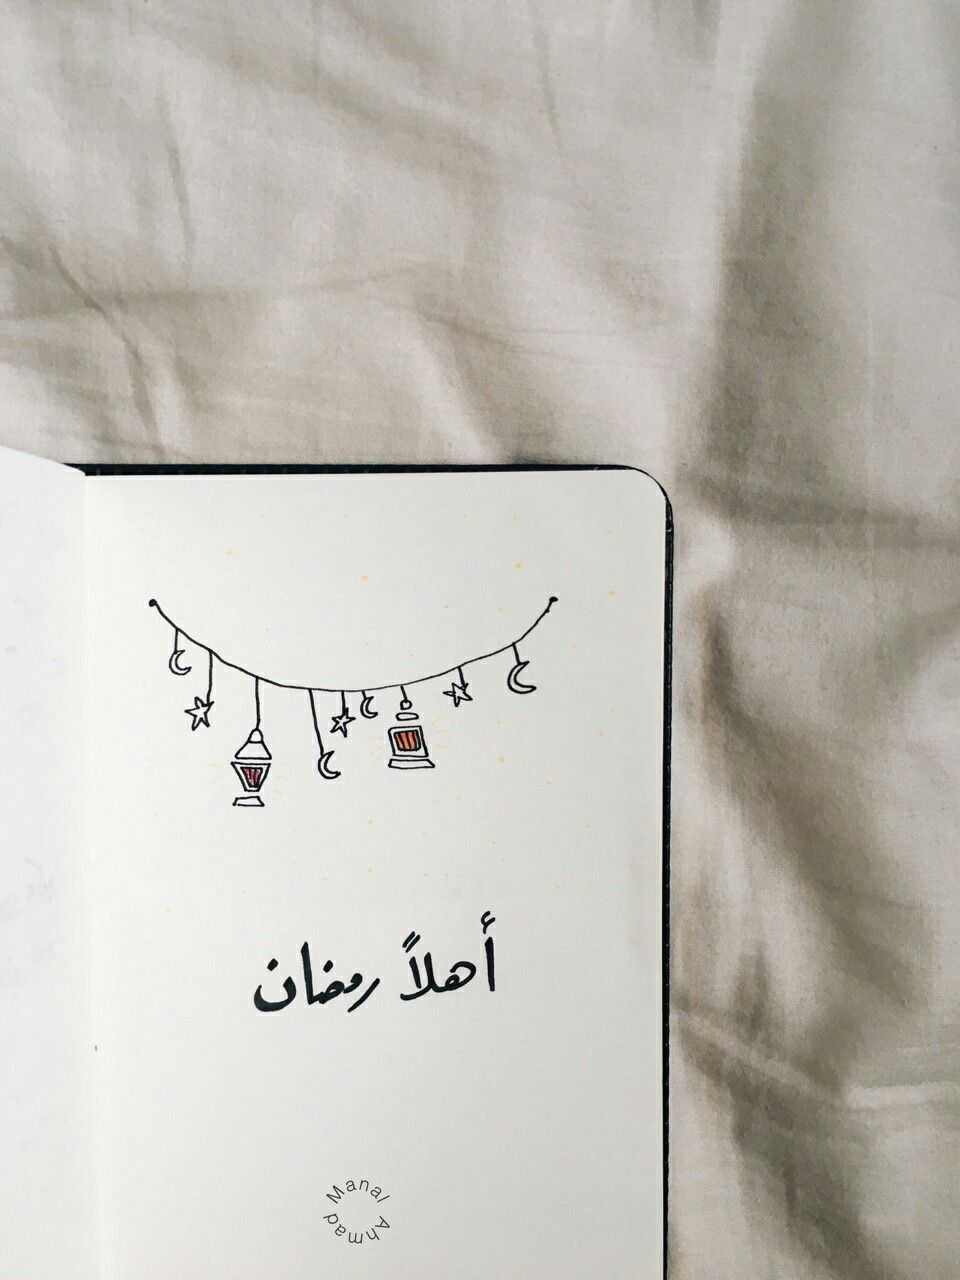 مع اول فجر في ايام رمضان اسال الله ان يتقبل صيامنا وقيامنا وان يشفي مرضانا ويرحم موتانا Ramadan Quotes Ramadan Ramadan Greetings